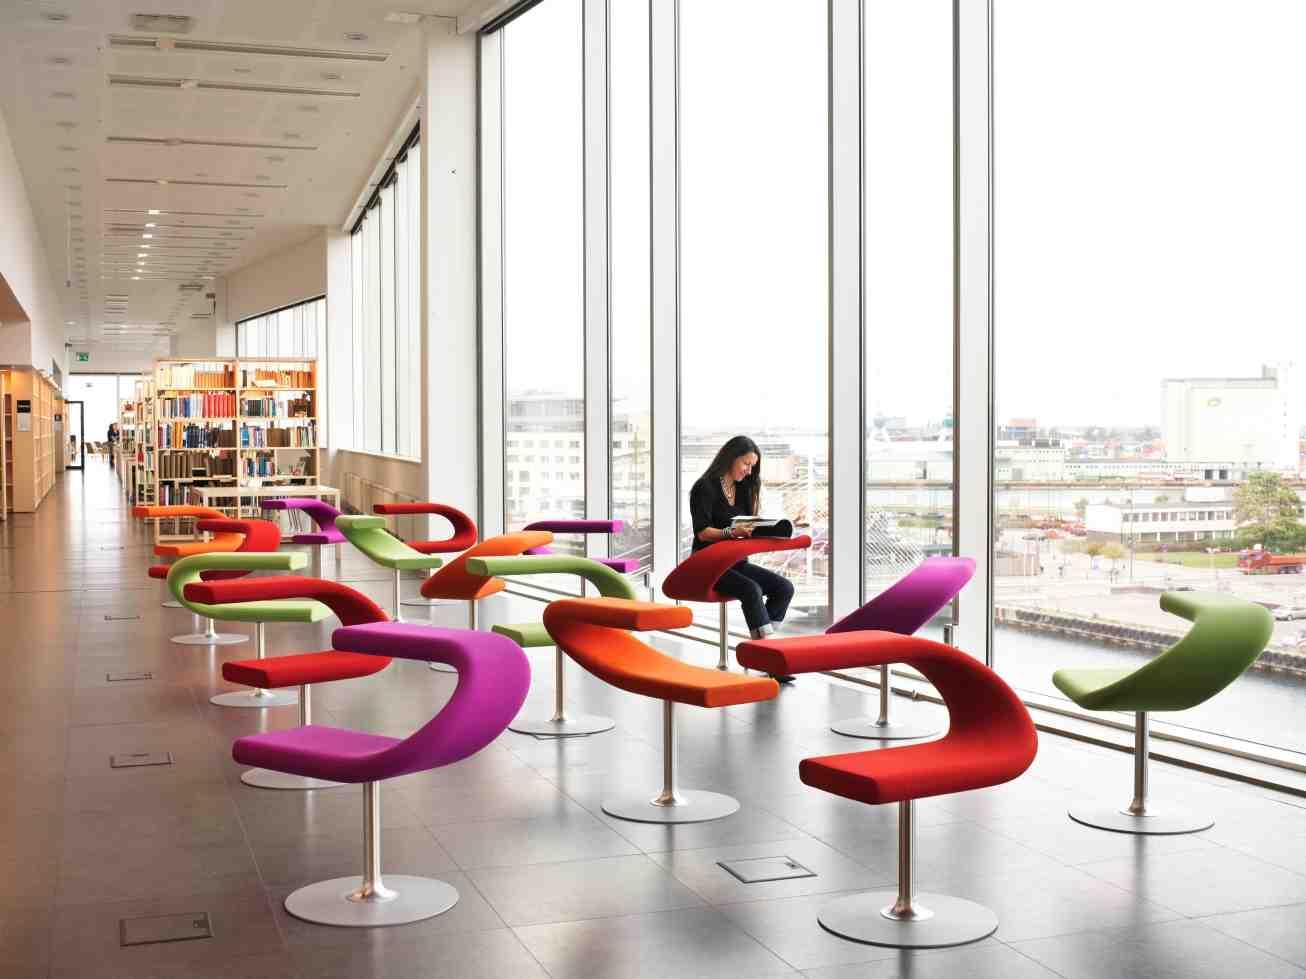 chair design architects blueprints eco furniture svanemærkede møbler